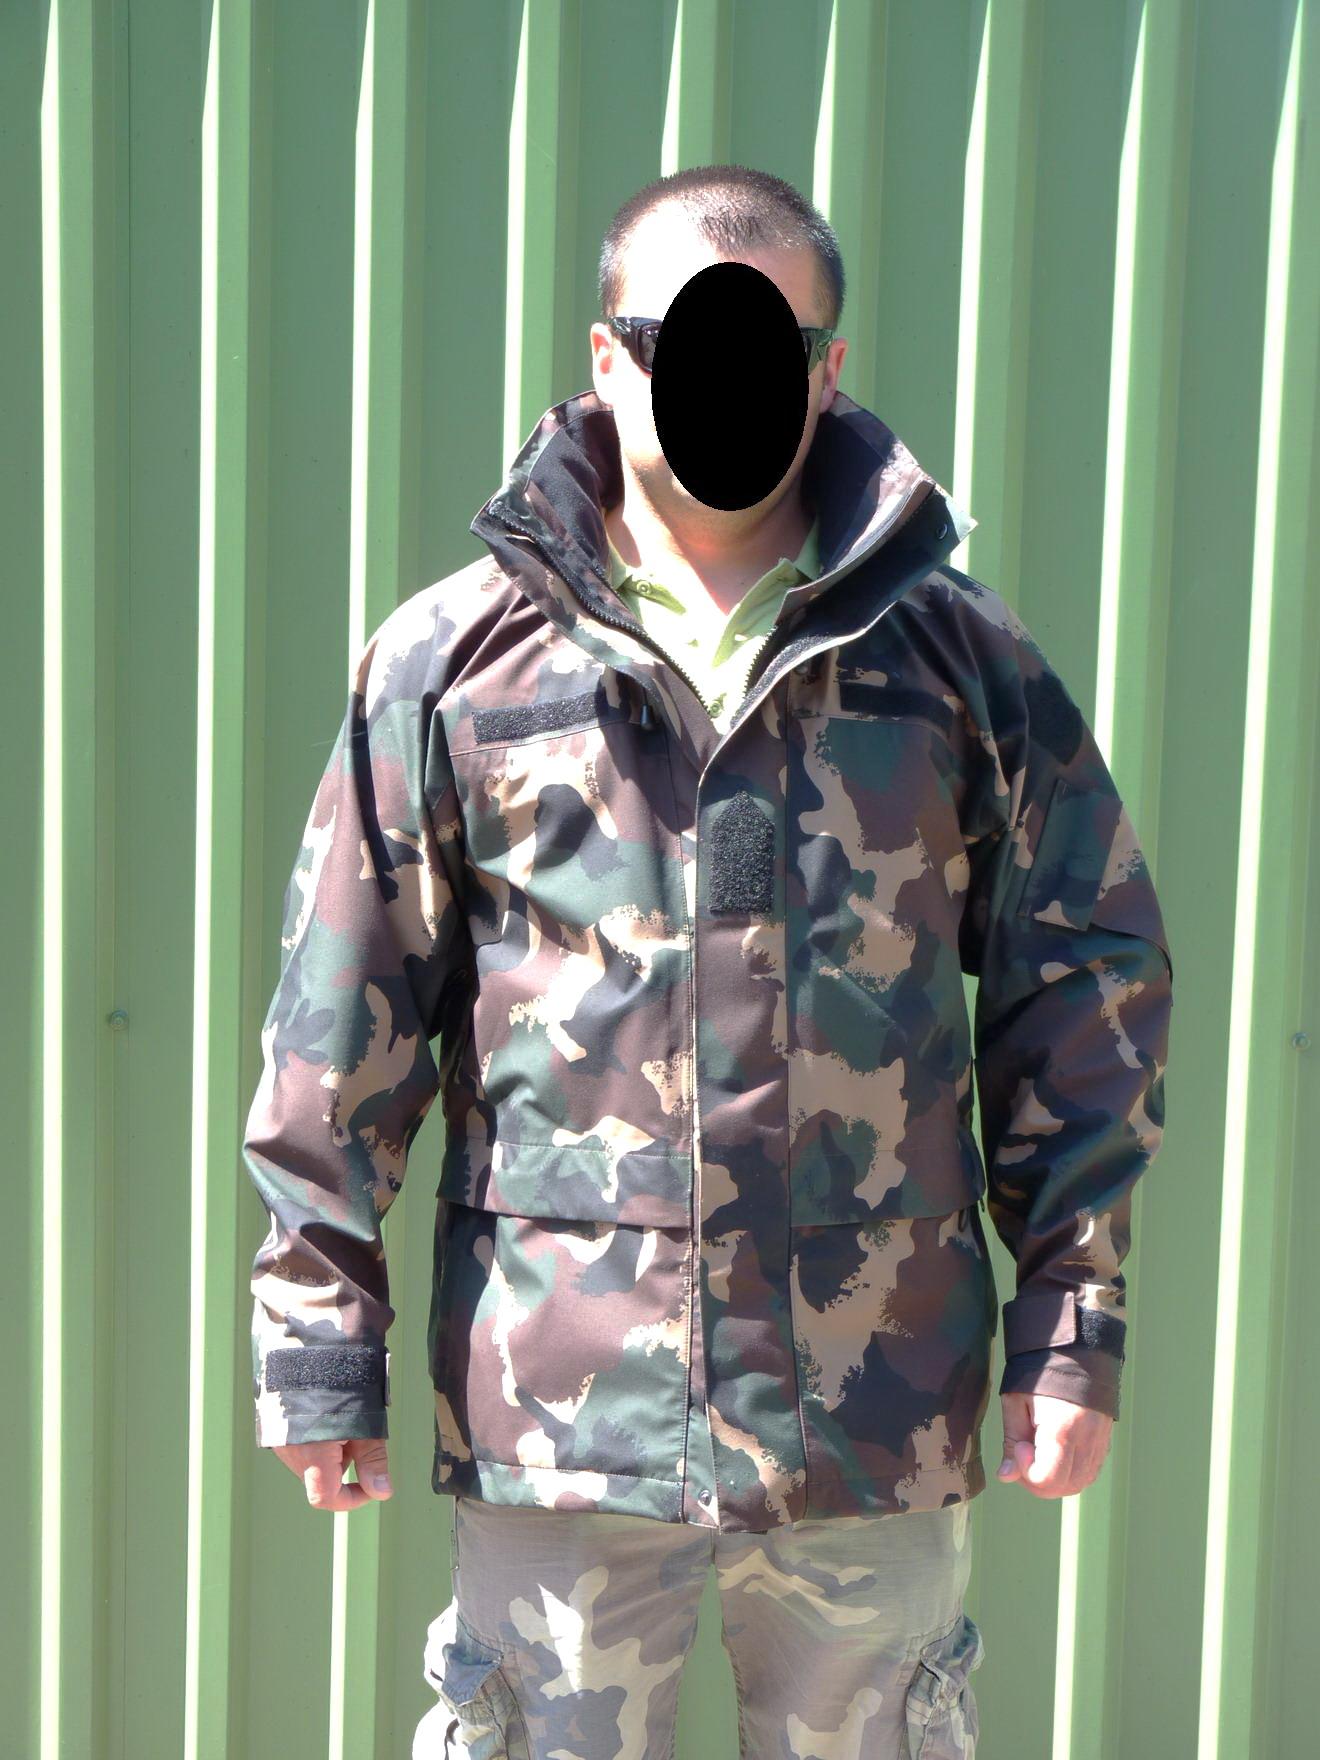 2c439c5141 Alapanyag: 100% polyamide, Gore-Tex membránnal. Gyártó: Pier Kft. 2008.  Méret: M